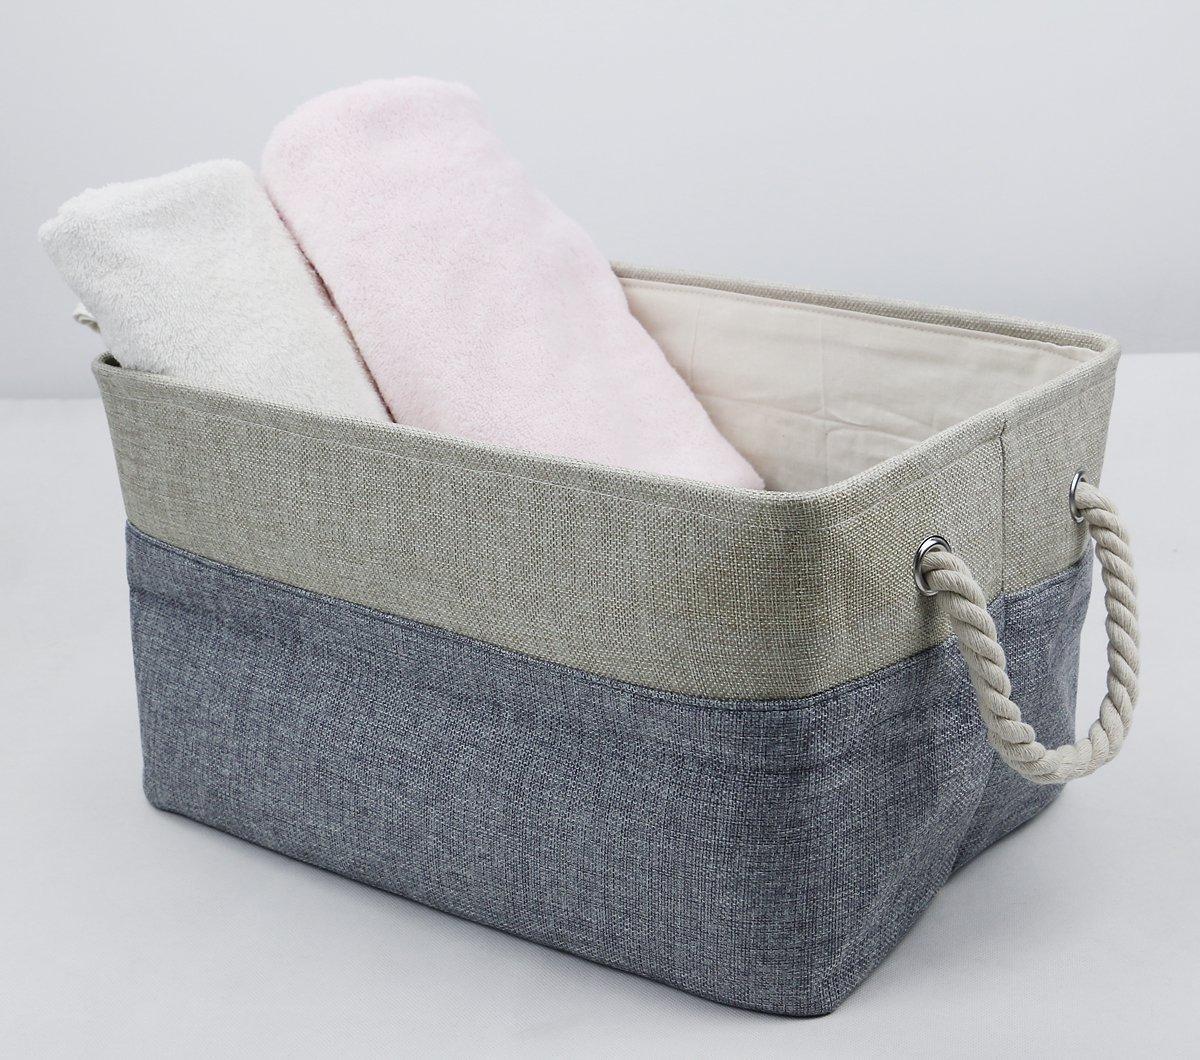 Natural de lino doblando cestas de almacenamiento con cierre de algodón para juguetes, organizador de paño, almacenamiento de libros, cubo de almacenamiento ...